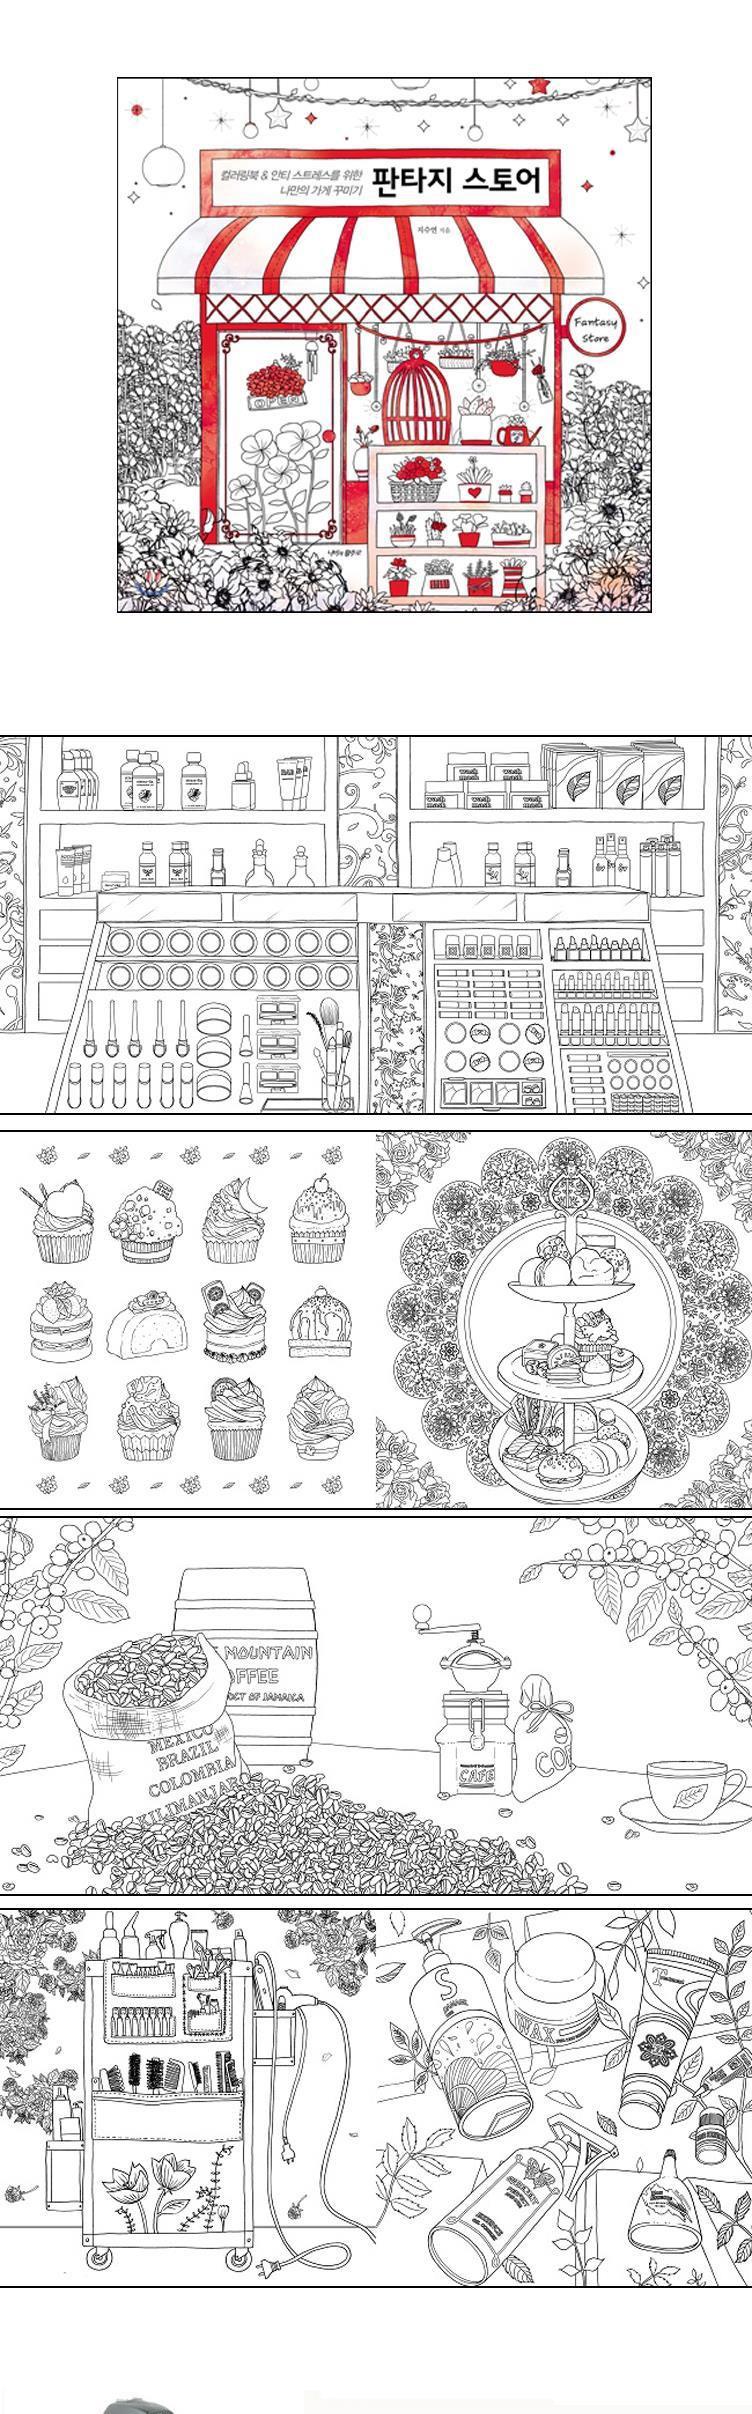 Fantasi Toko Seni Mewarnai Buku Secret Garden Menghilangkan